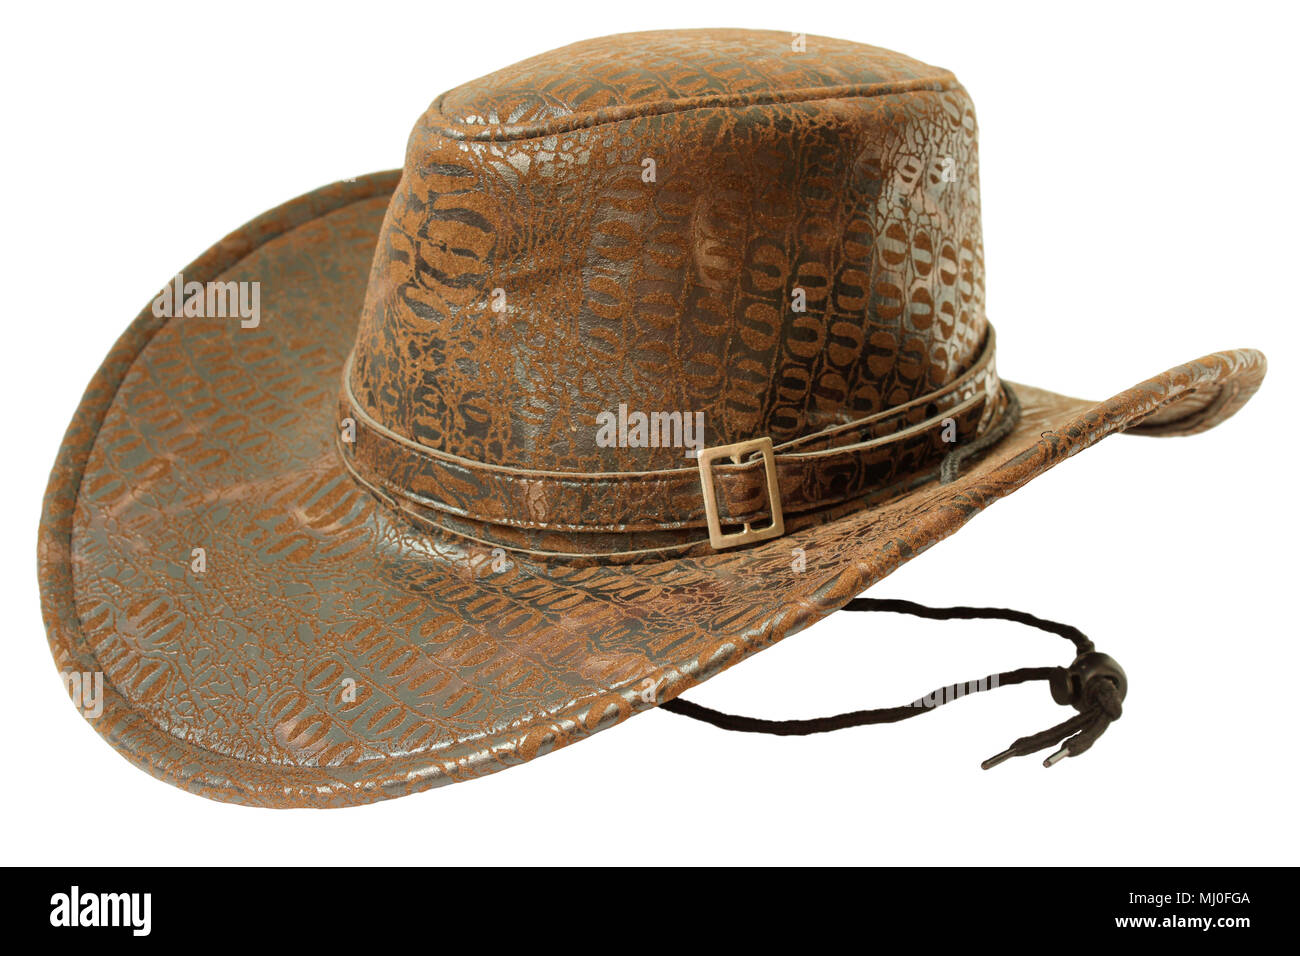 Marrone cappello da cowboy isolato su sfondo bianco Immagini Stock 9af5b2cba83c